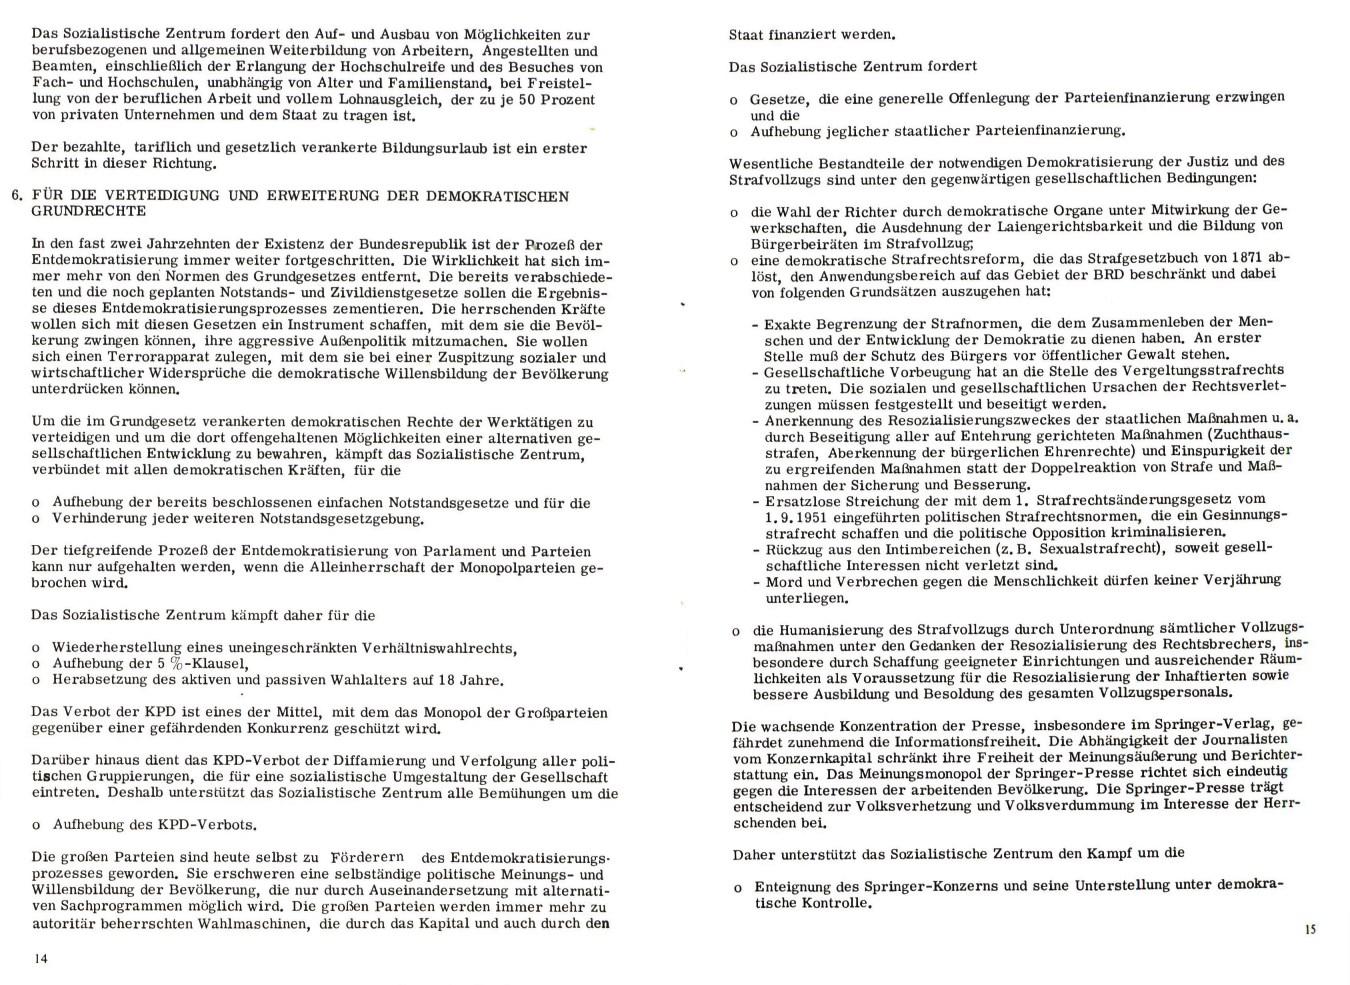 Sozialistisches_Zentrum_1968_Aktionsprogramm_08